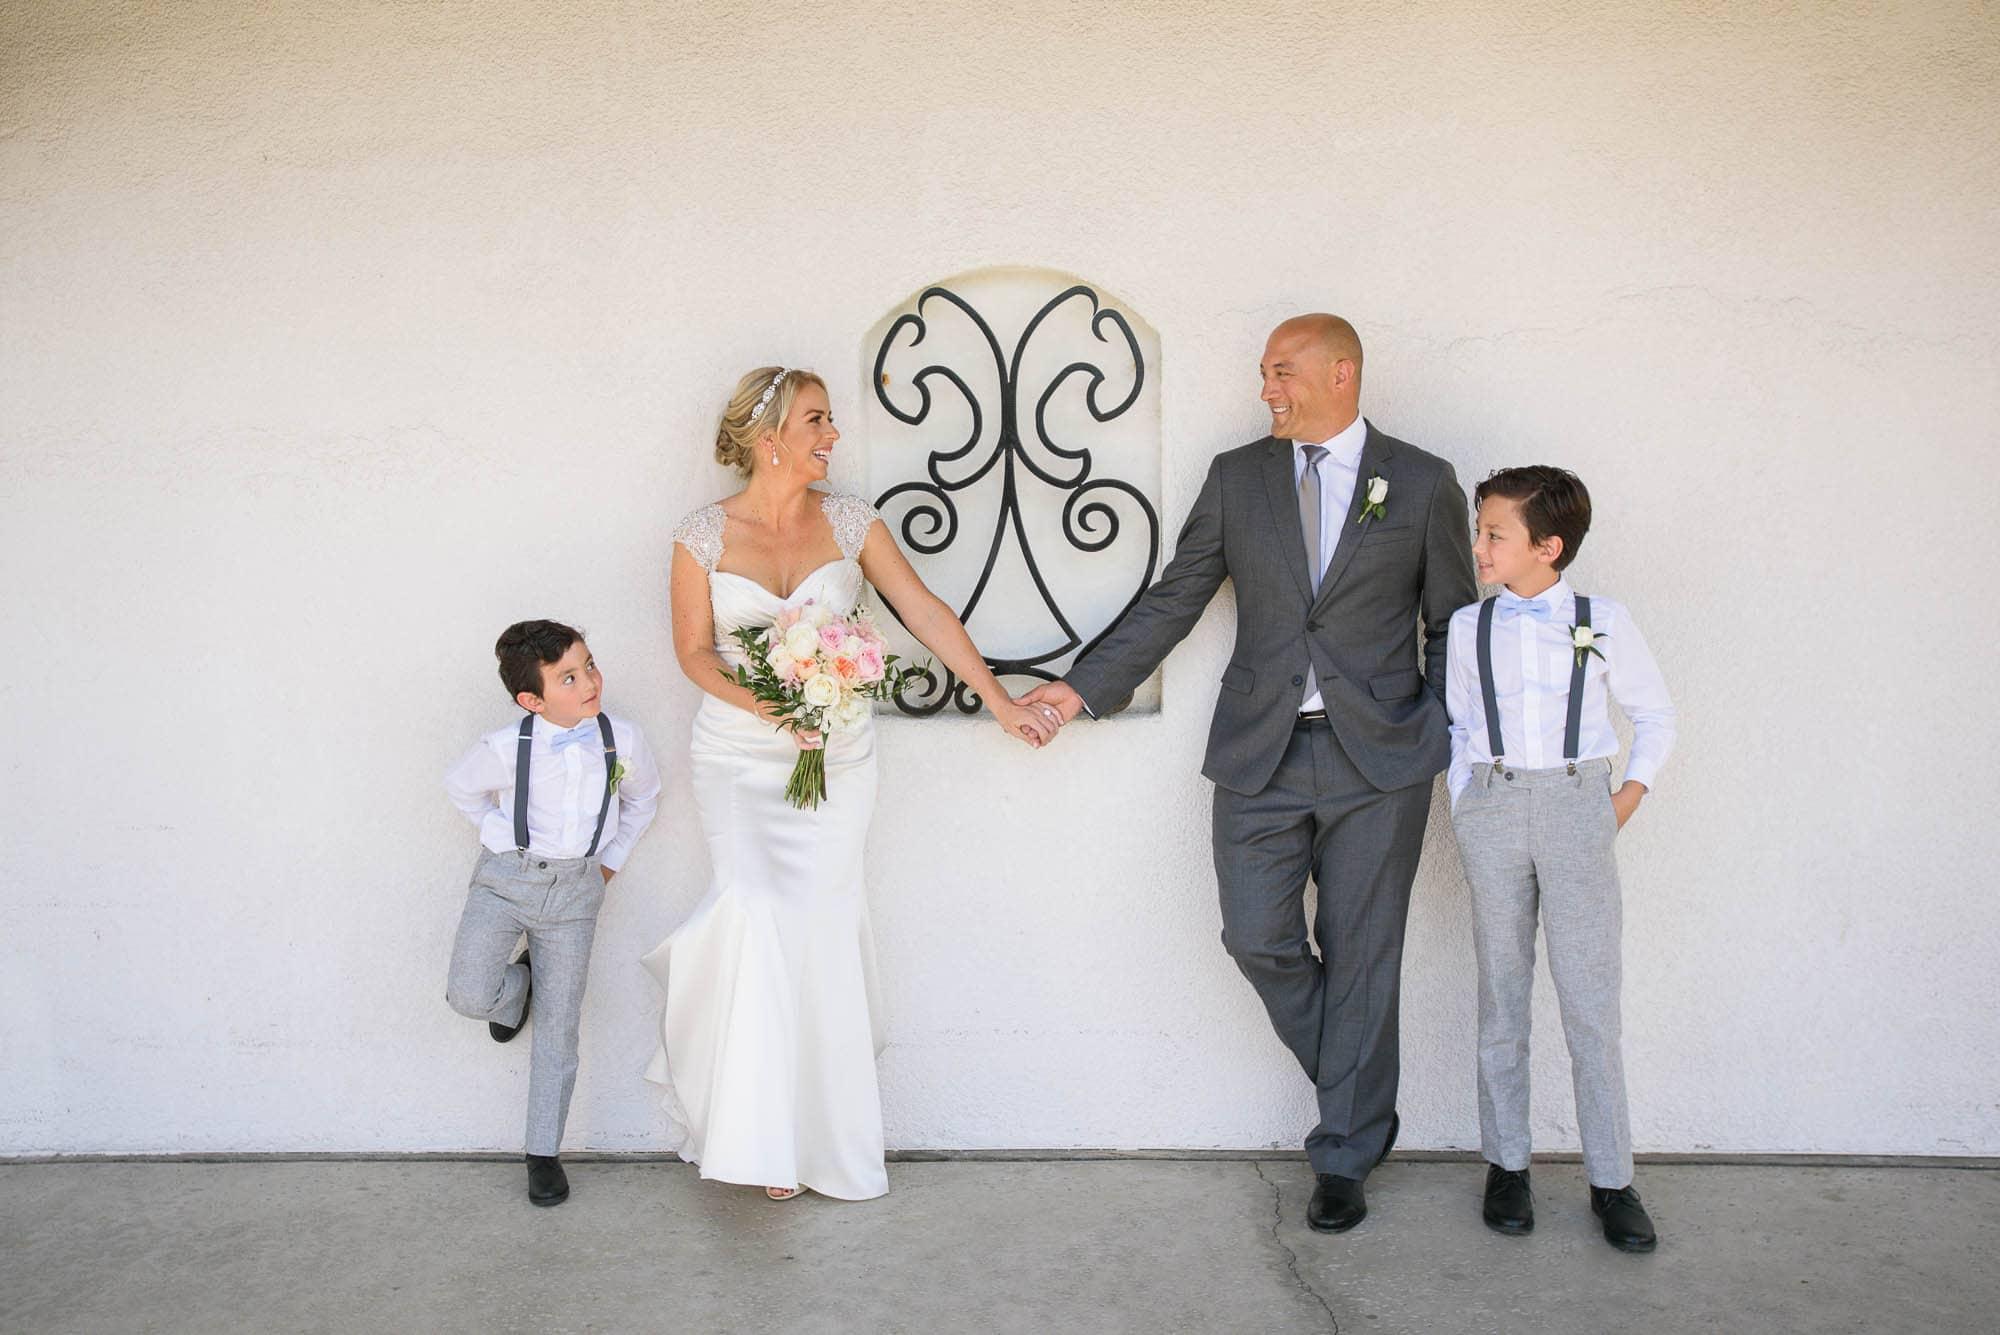 025_Alan_and_Heidi_Wedding_Amanda_Chad